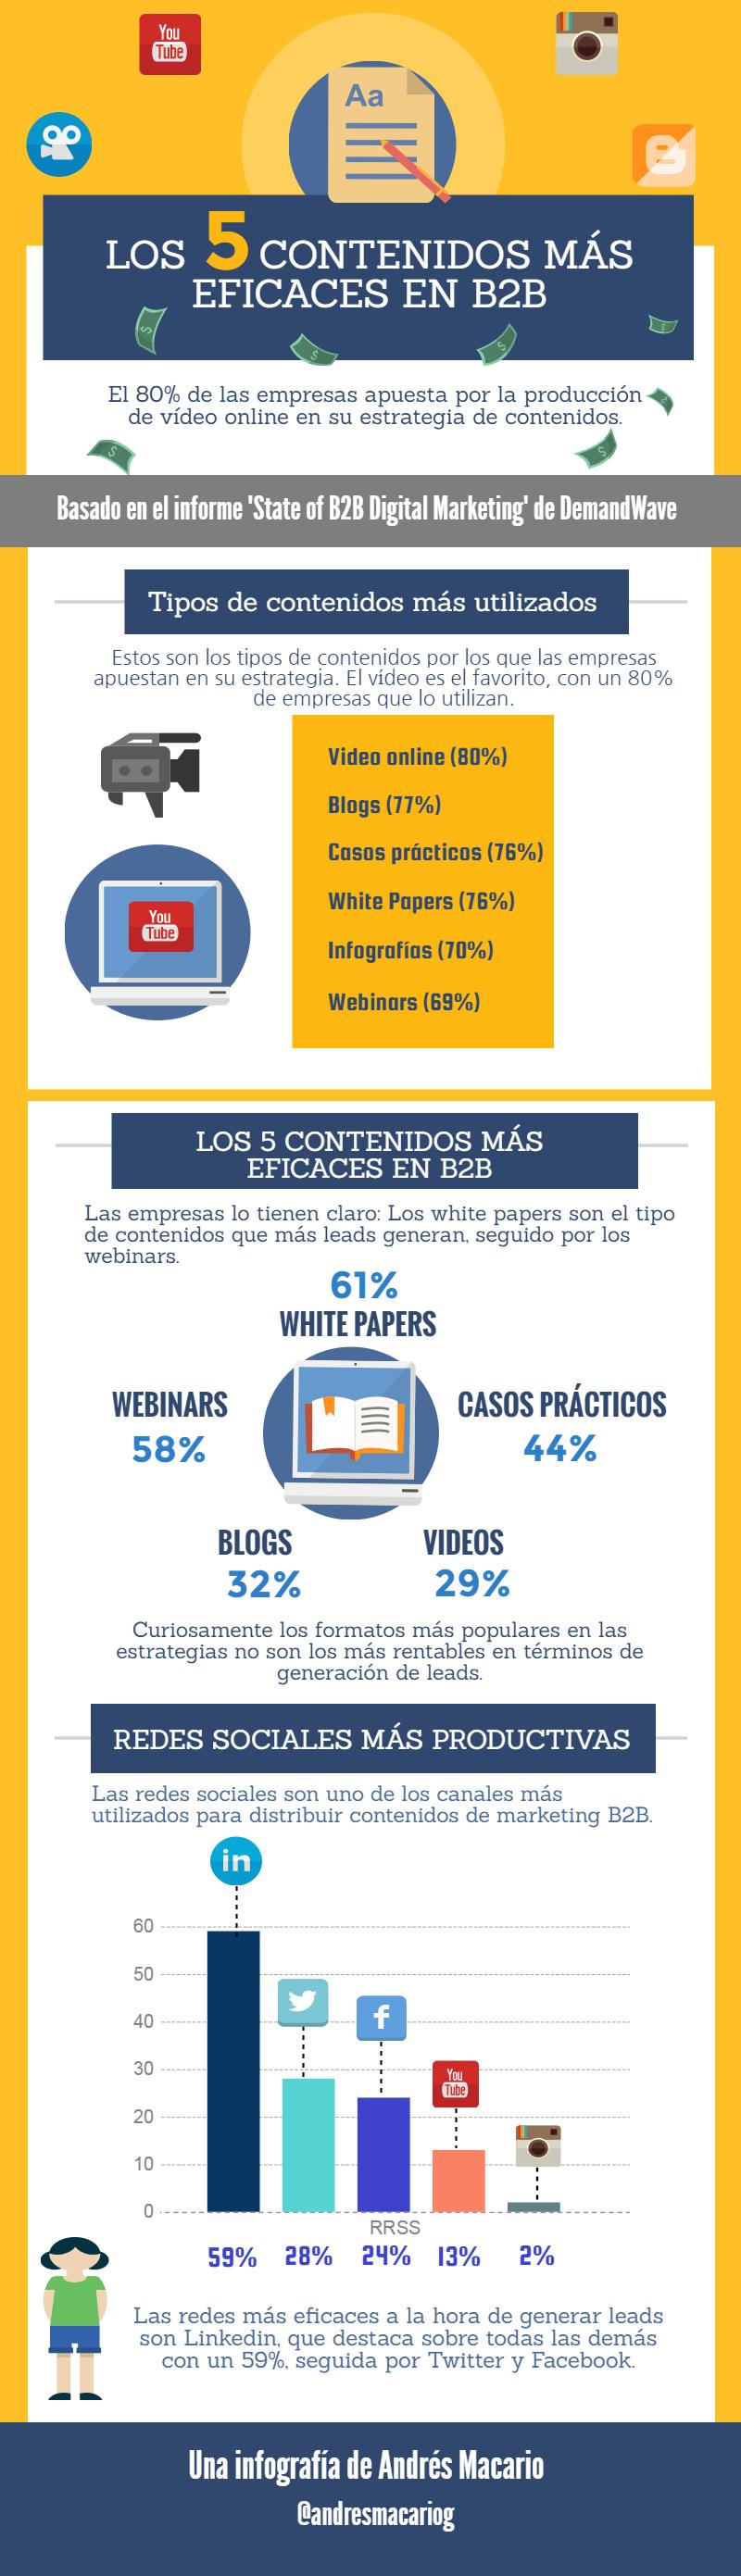 Los 5 contenidos mas eficaces en B2B-Infografia Andres Macario